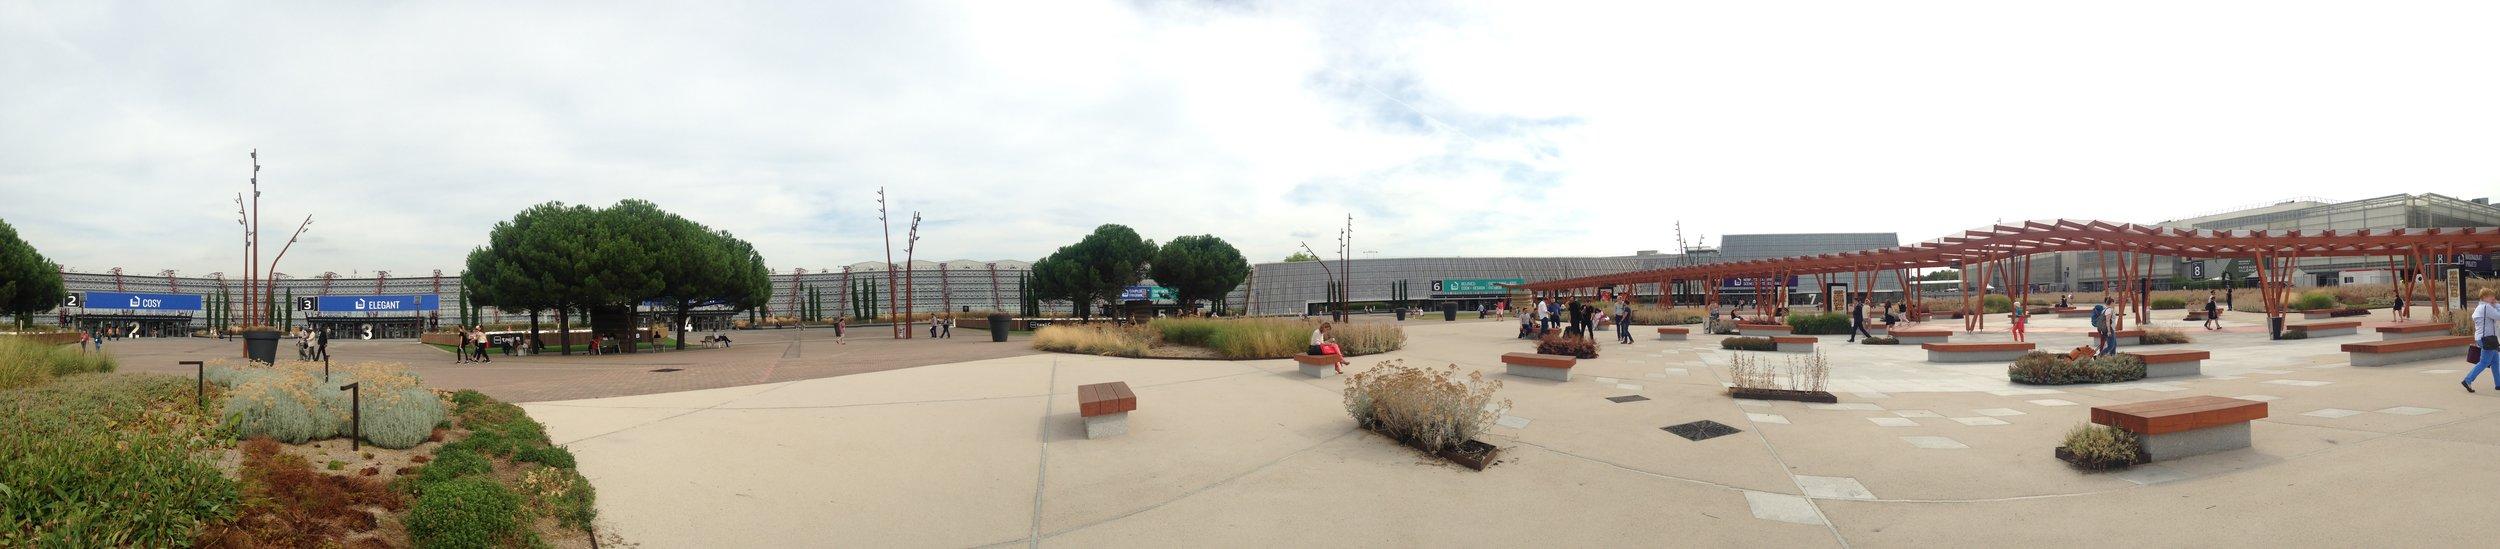 Panoramic of Parc des Expositions, Paris where Maison&Objet is held.